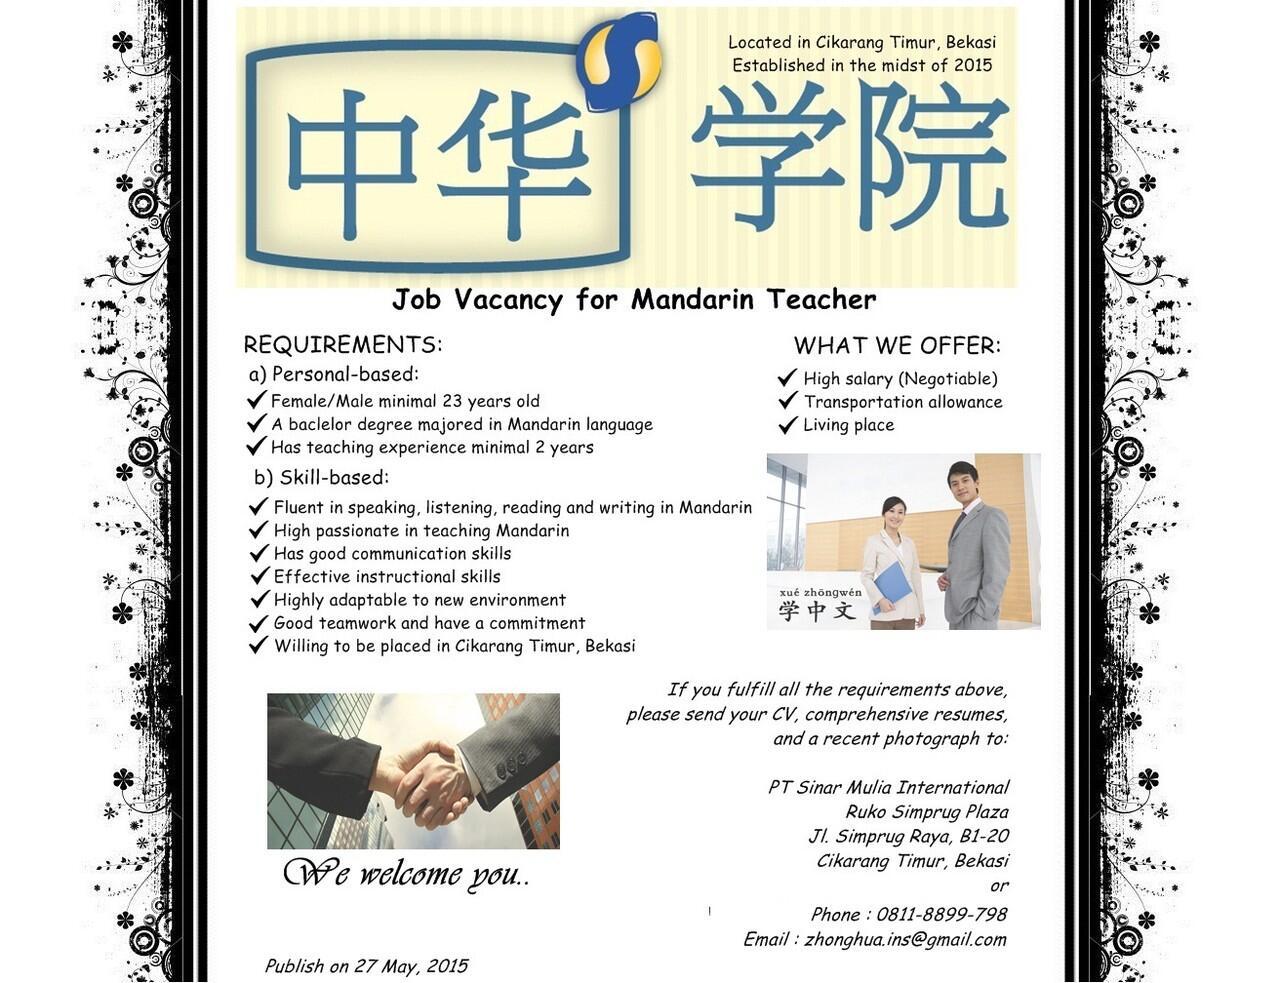 lowongan kerja guru bahasa mandarin gaji tinggi kaskus rh kaskus co id